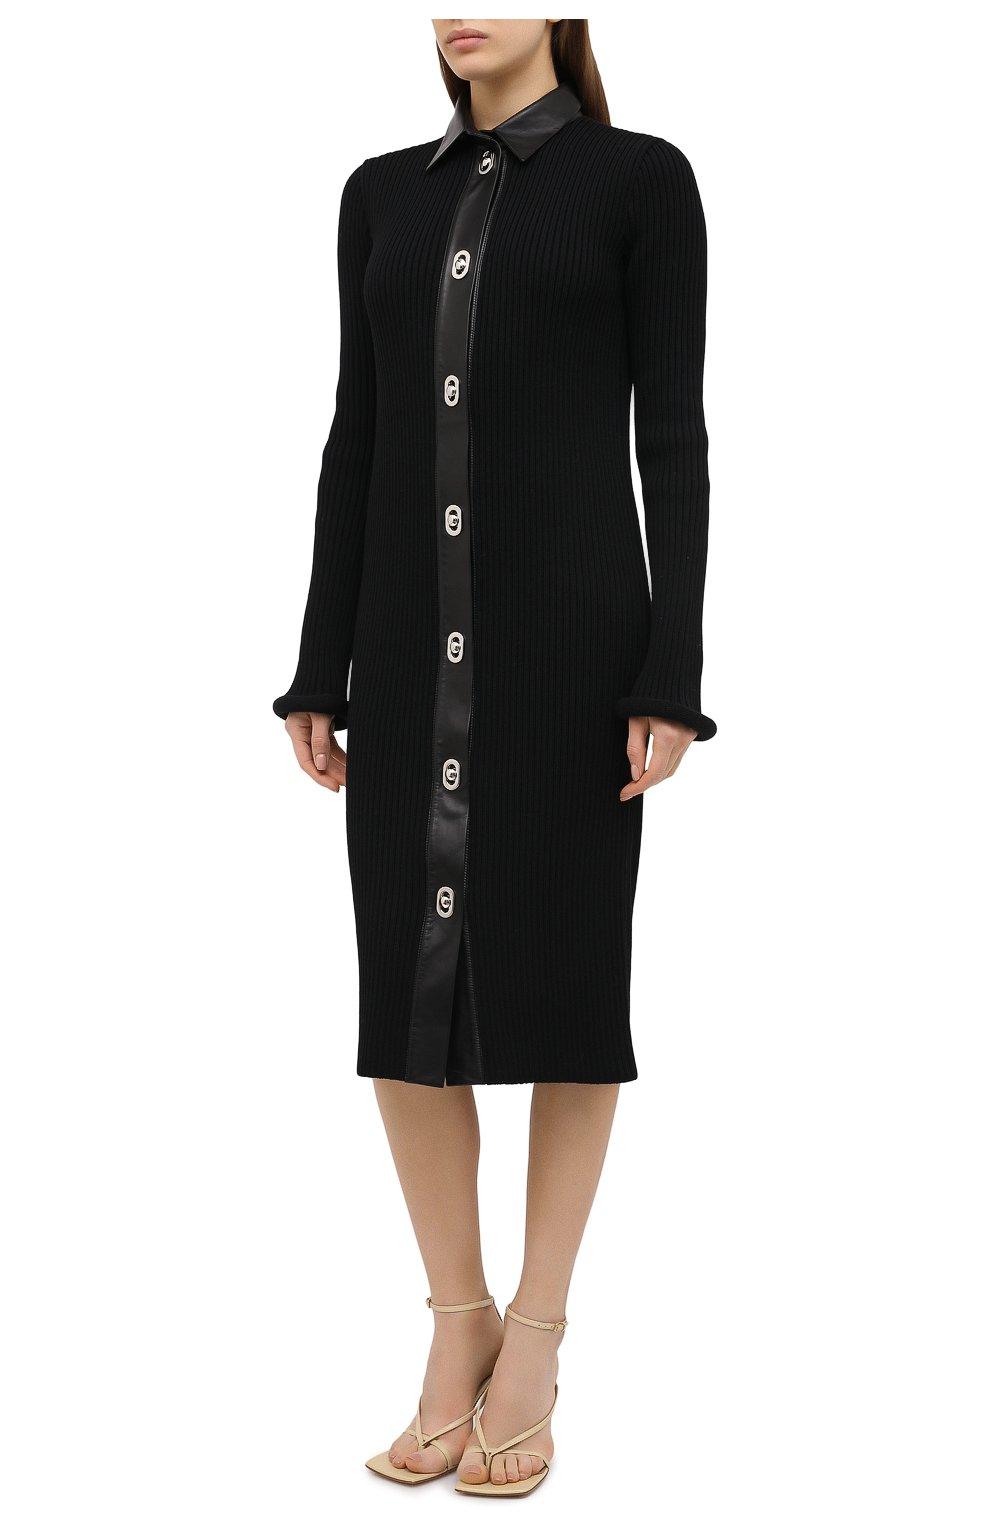 Женское платье из шерсти и хлопка BOTTEGA VENETA черного цвета, арт. 629363/VKVX0 | Фото 3